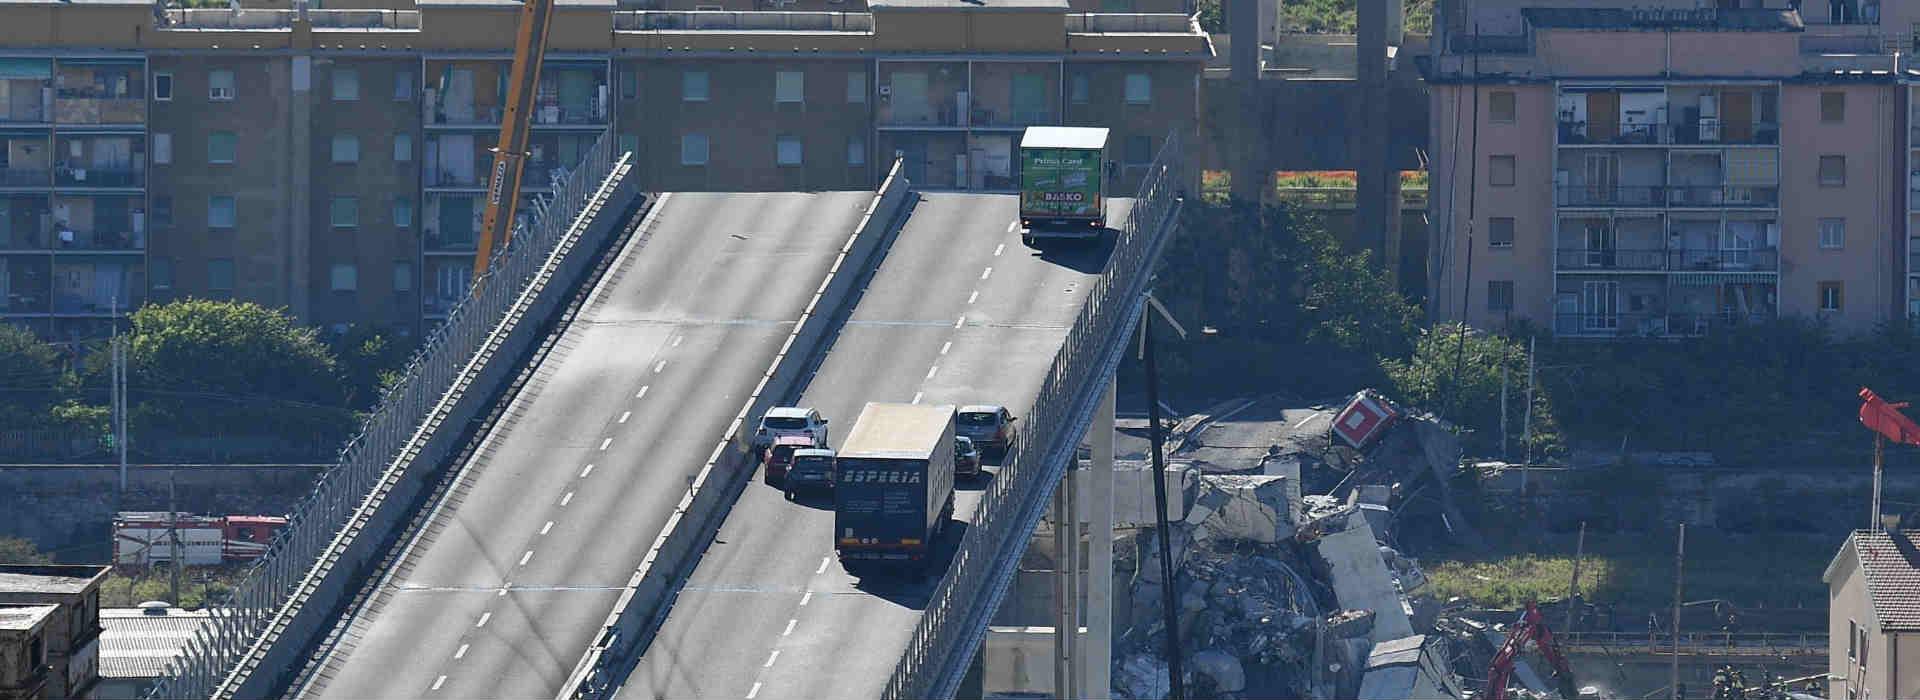 PonteMorandi, Genova. Autostrade parte con gli interventi (500mln) per salvare le concessioni